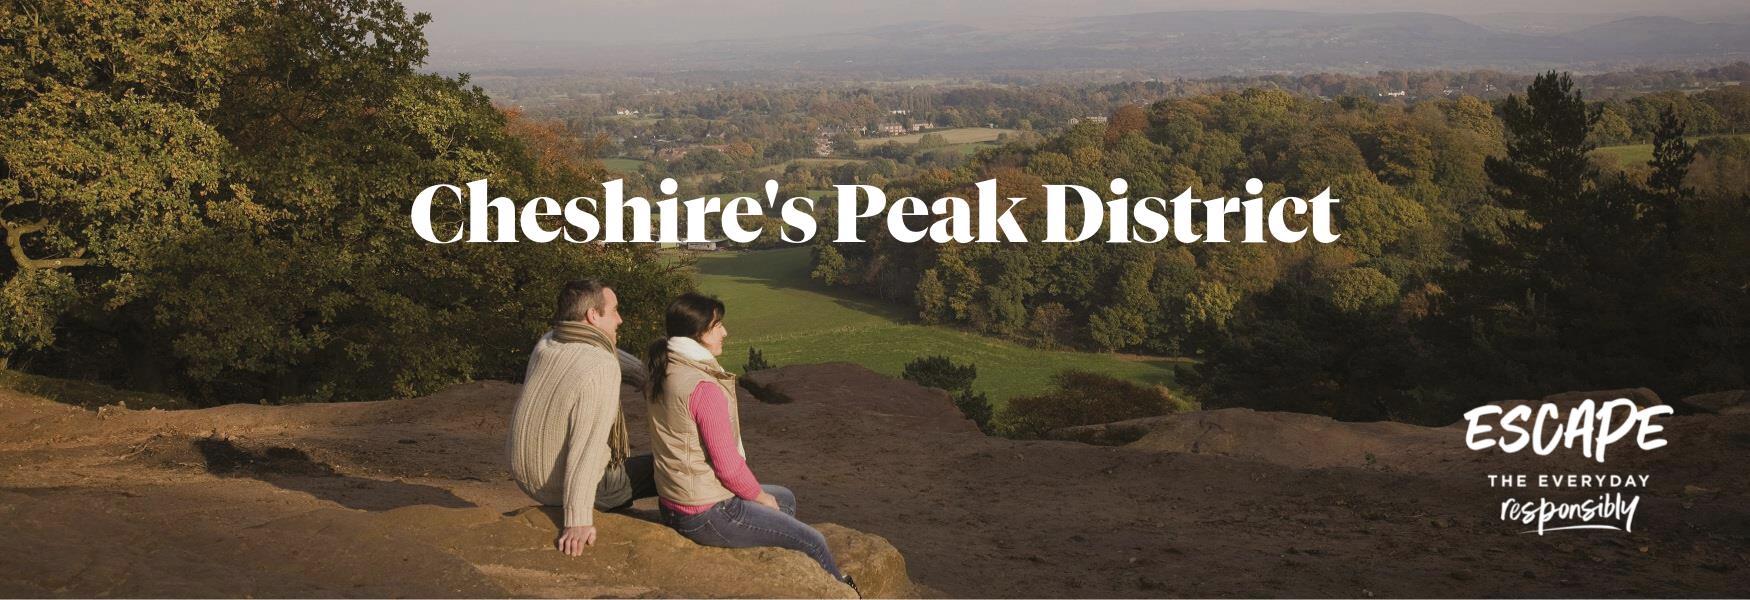 Cheshire's Peak District